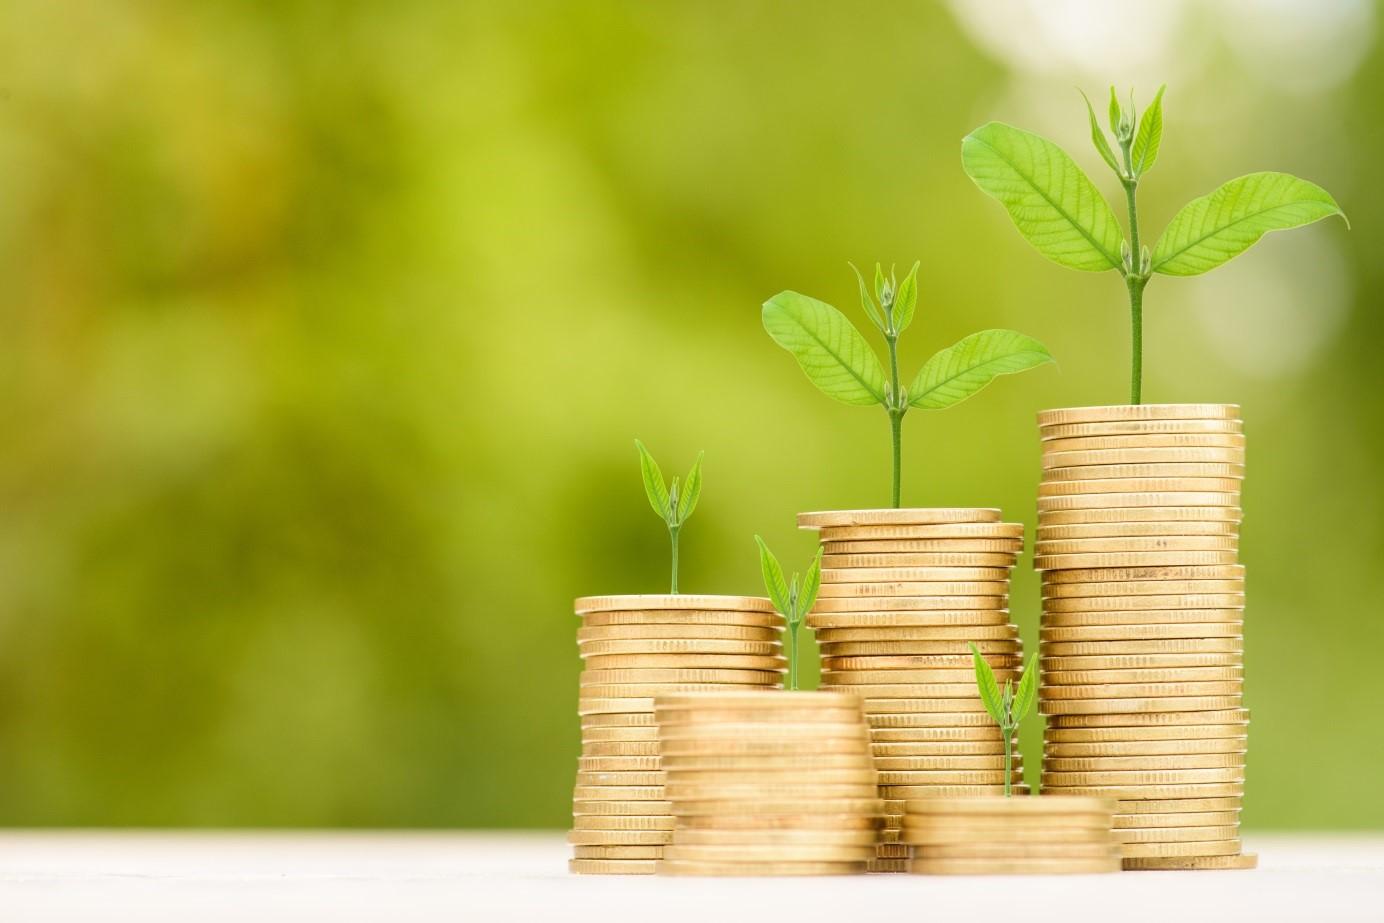 Chwilówka dla zadłużonych 2019 – nowe oferty, większy wybór